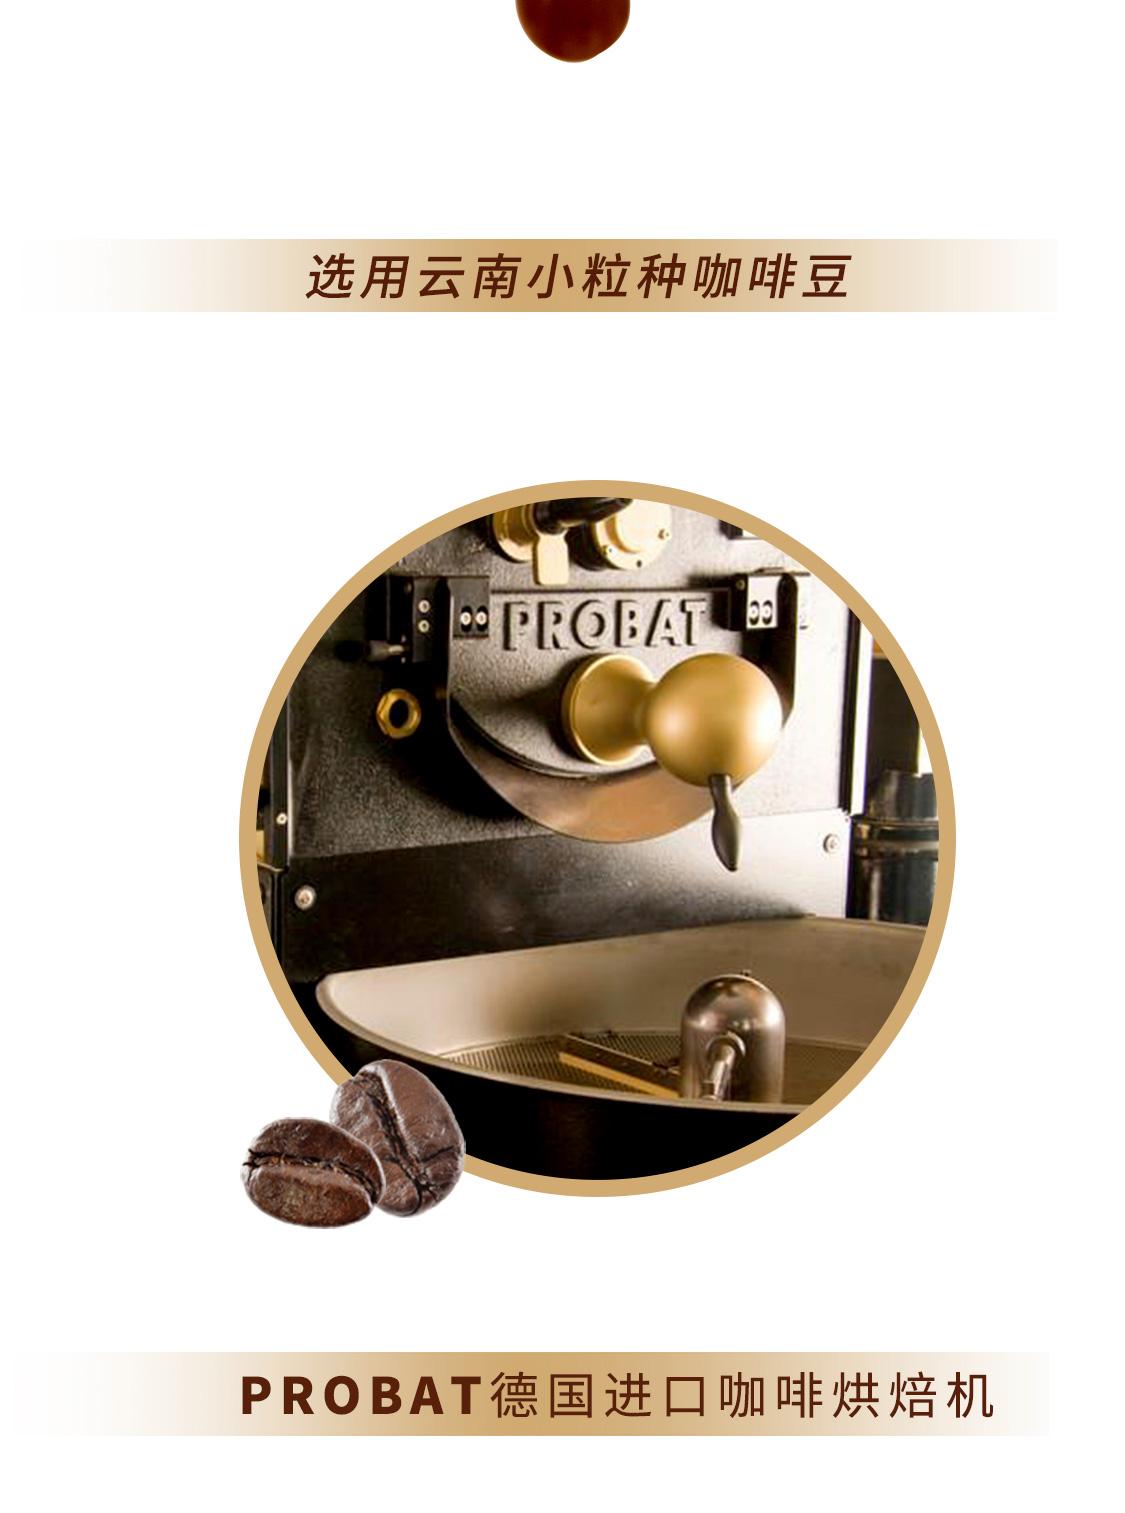 原味速溶咖啡小盒装_09.jpg